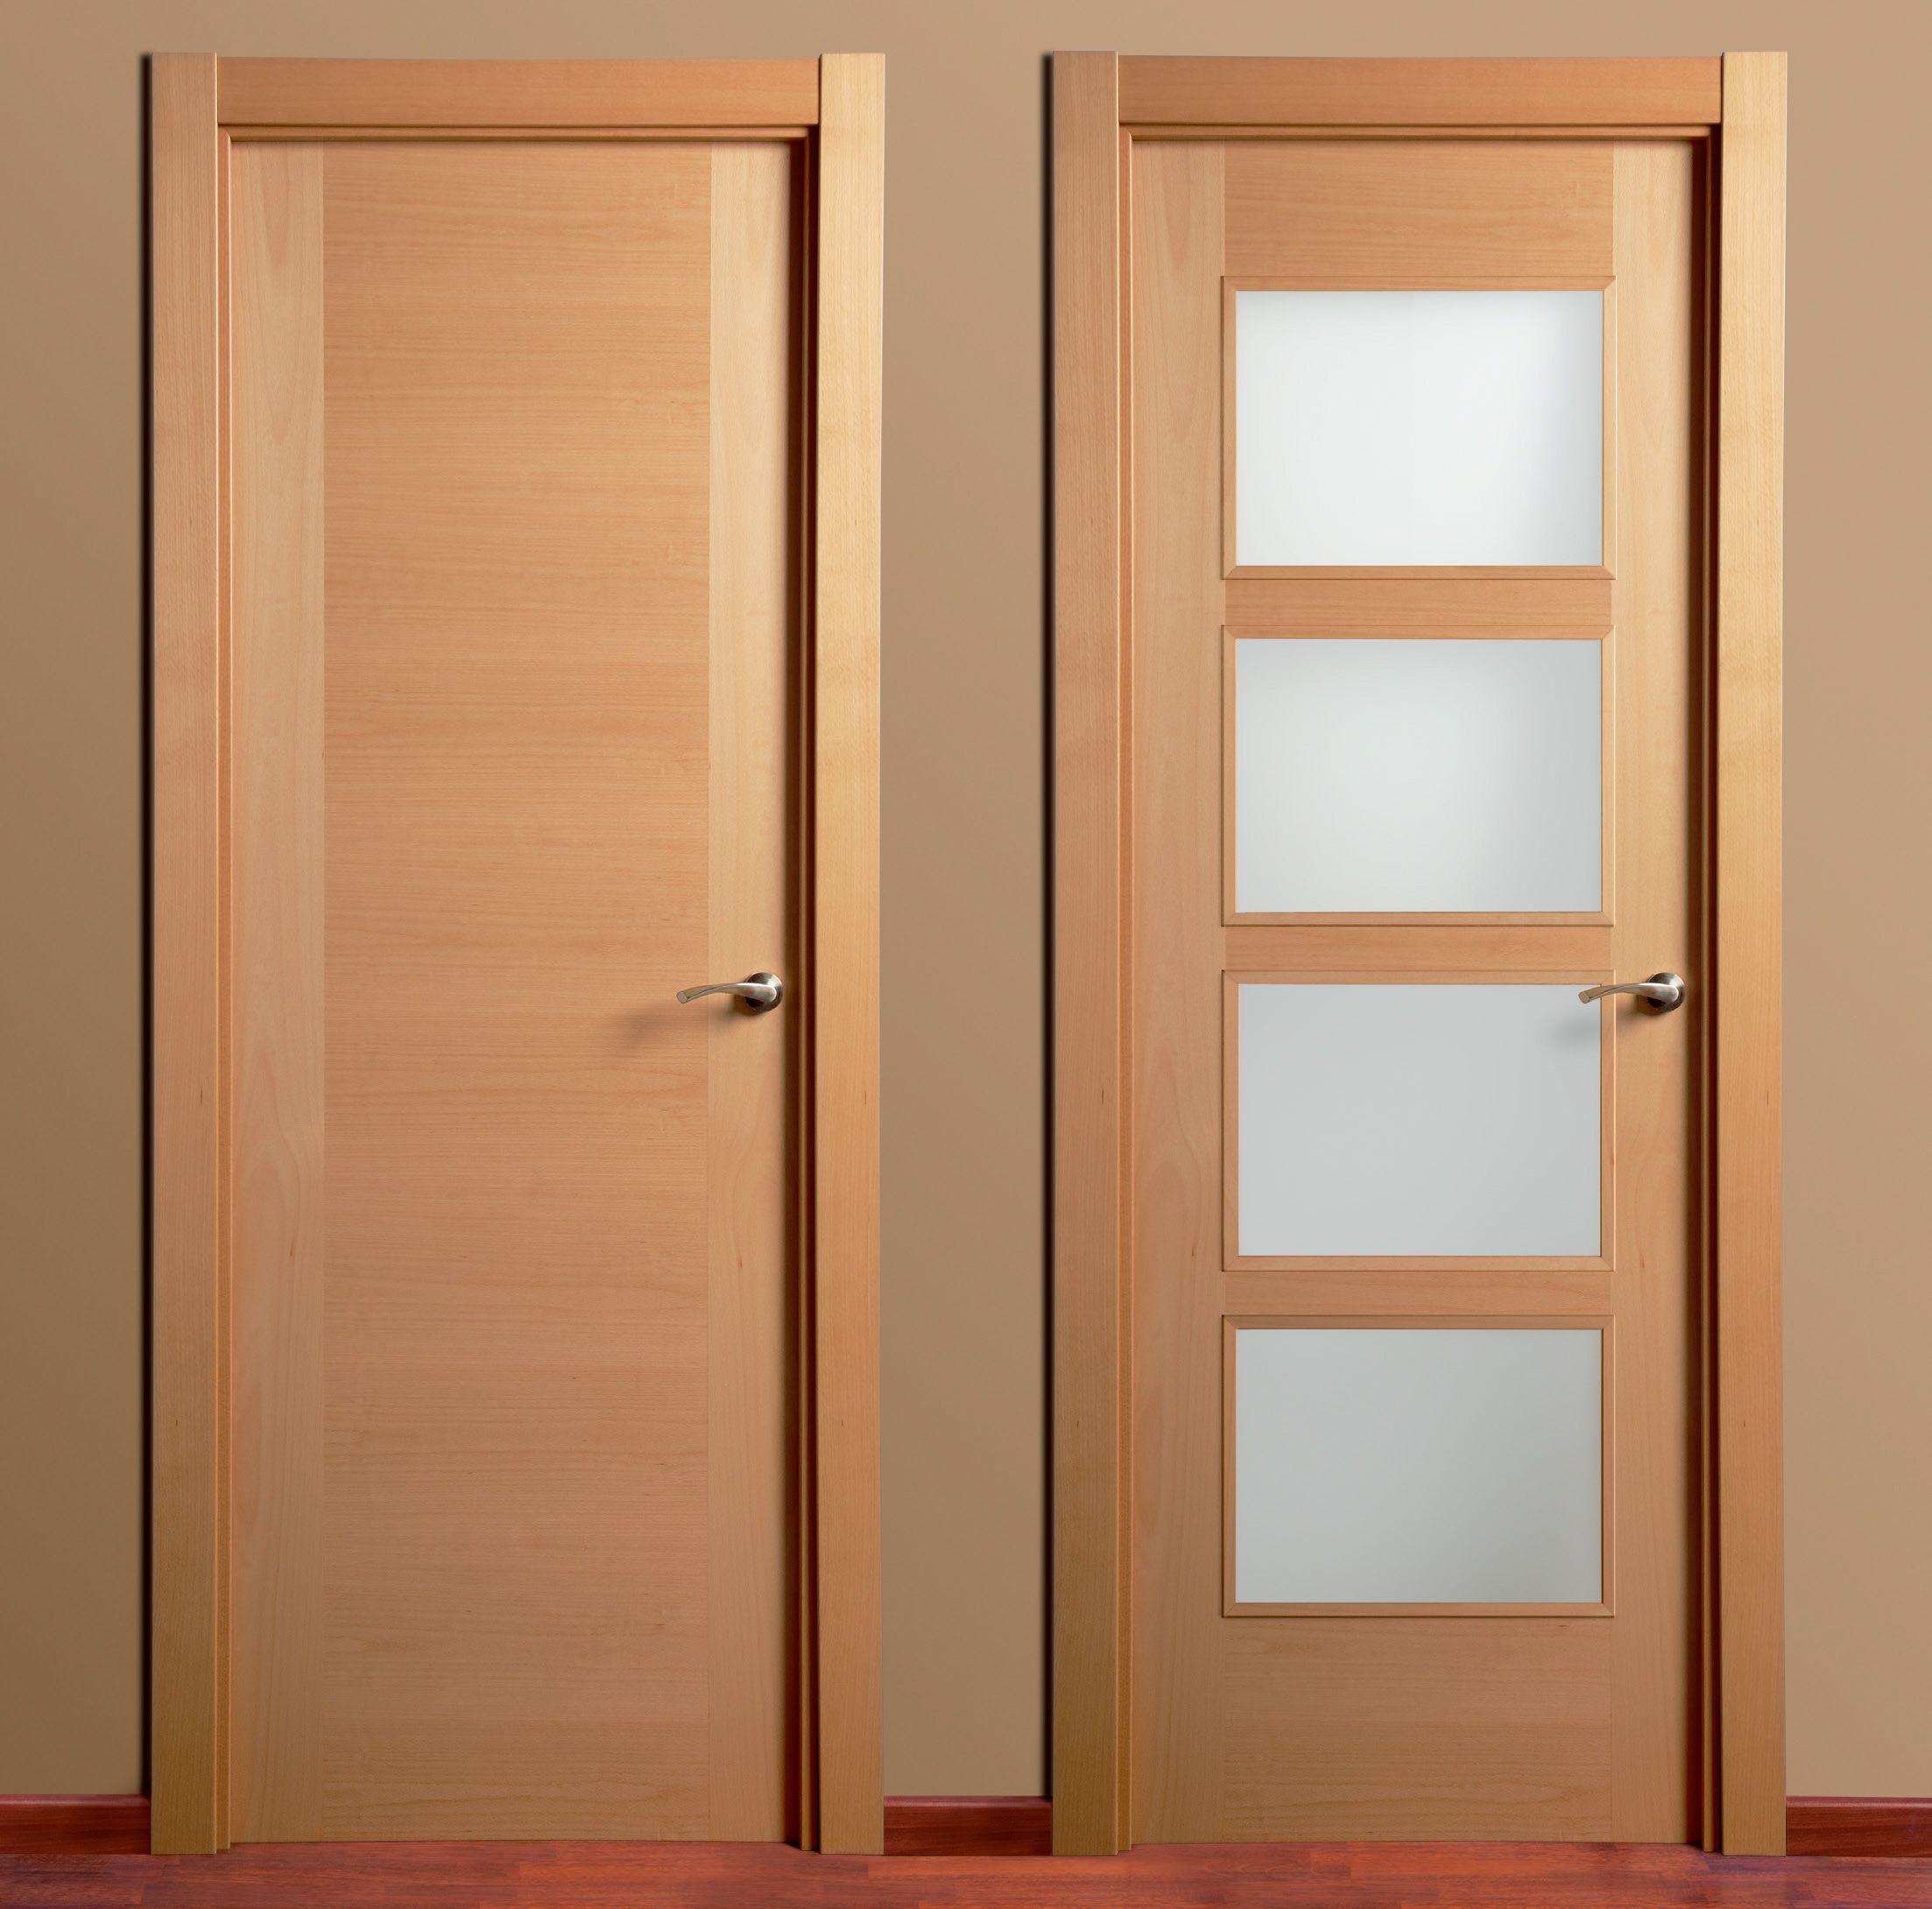 Puerta madera montante al hilo puertas carsal socios for Puertas interiores antiguas madera